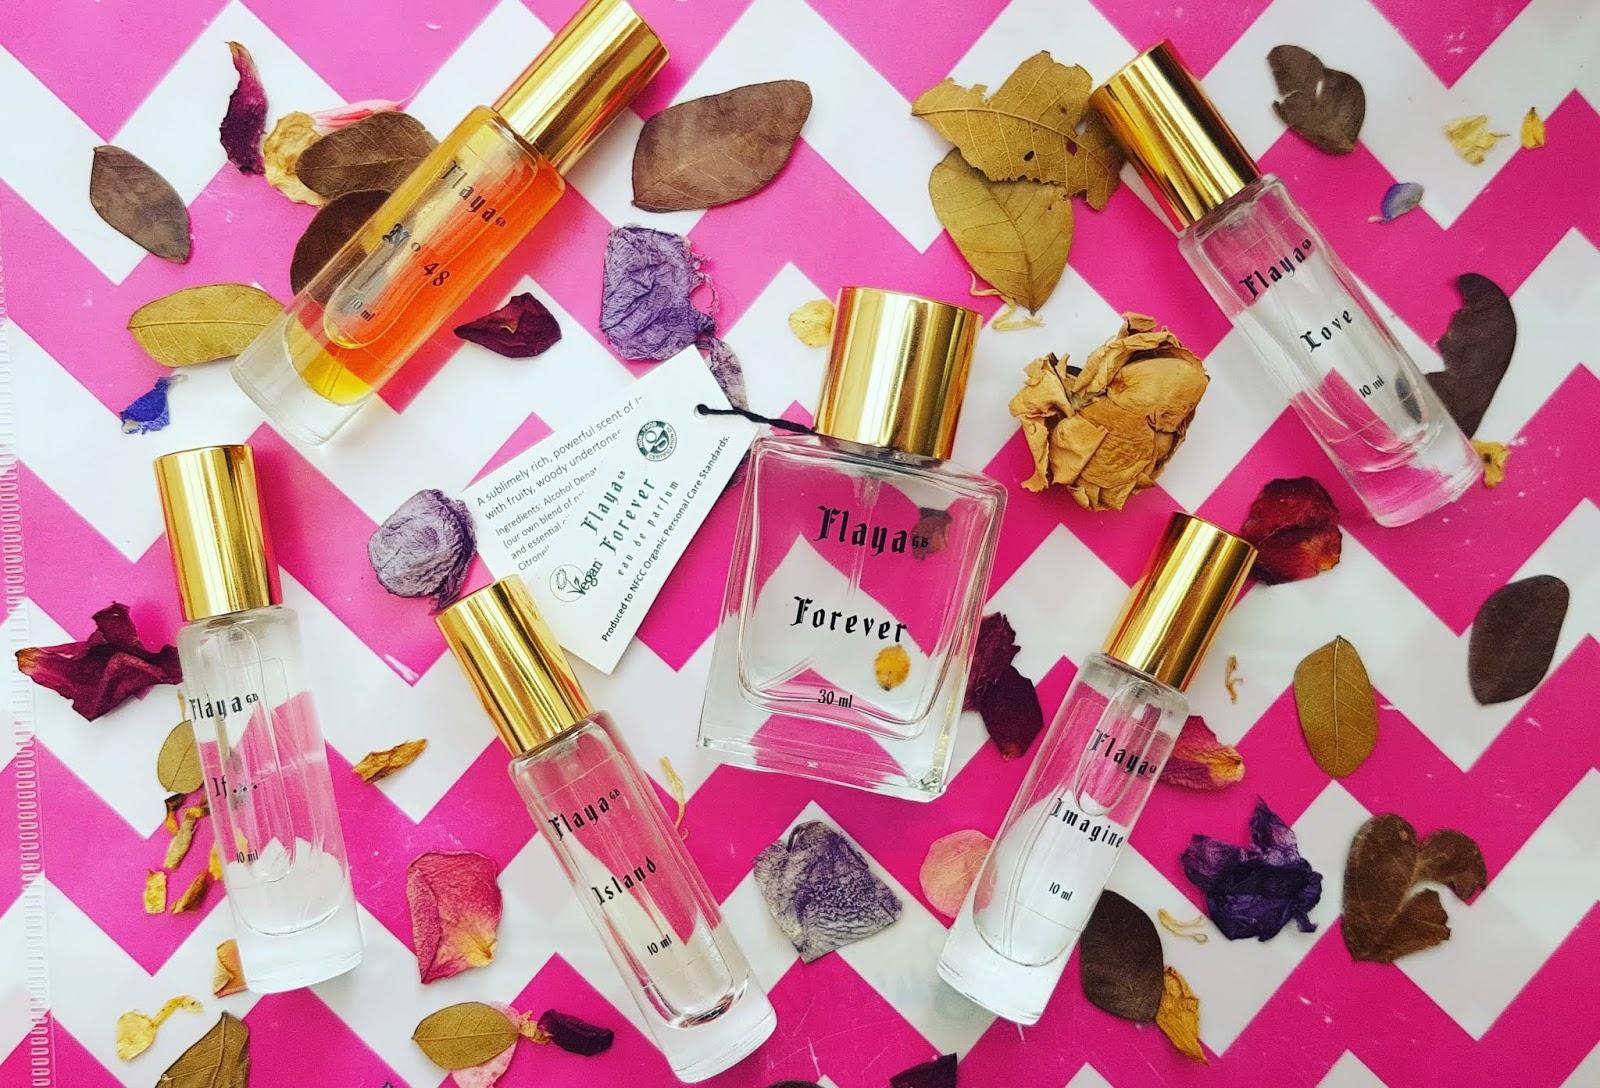 Flaya Eau de Perfume Review